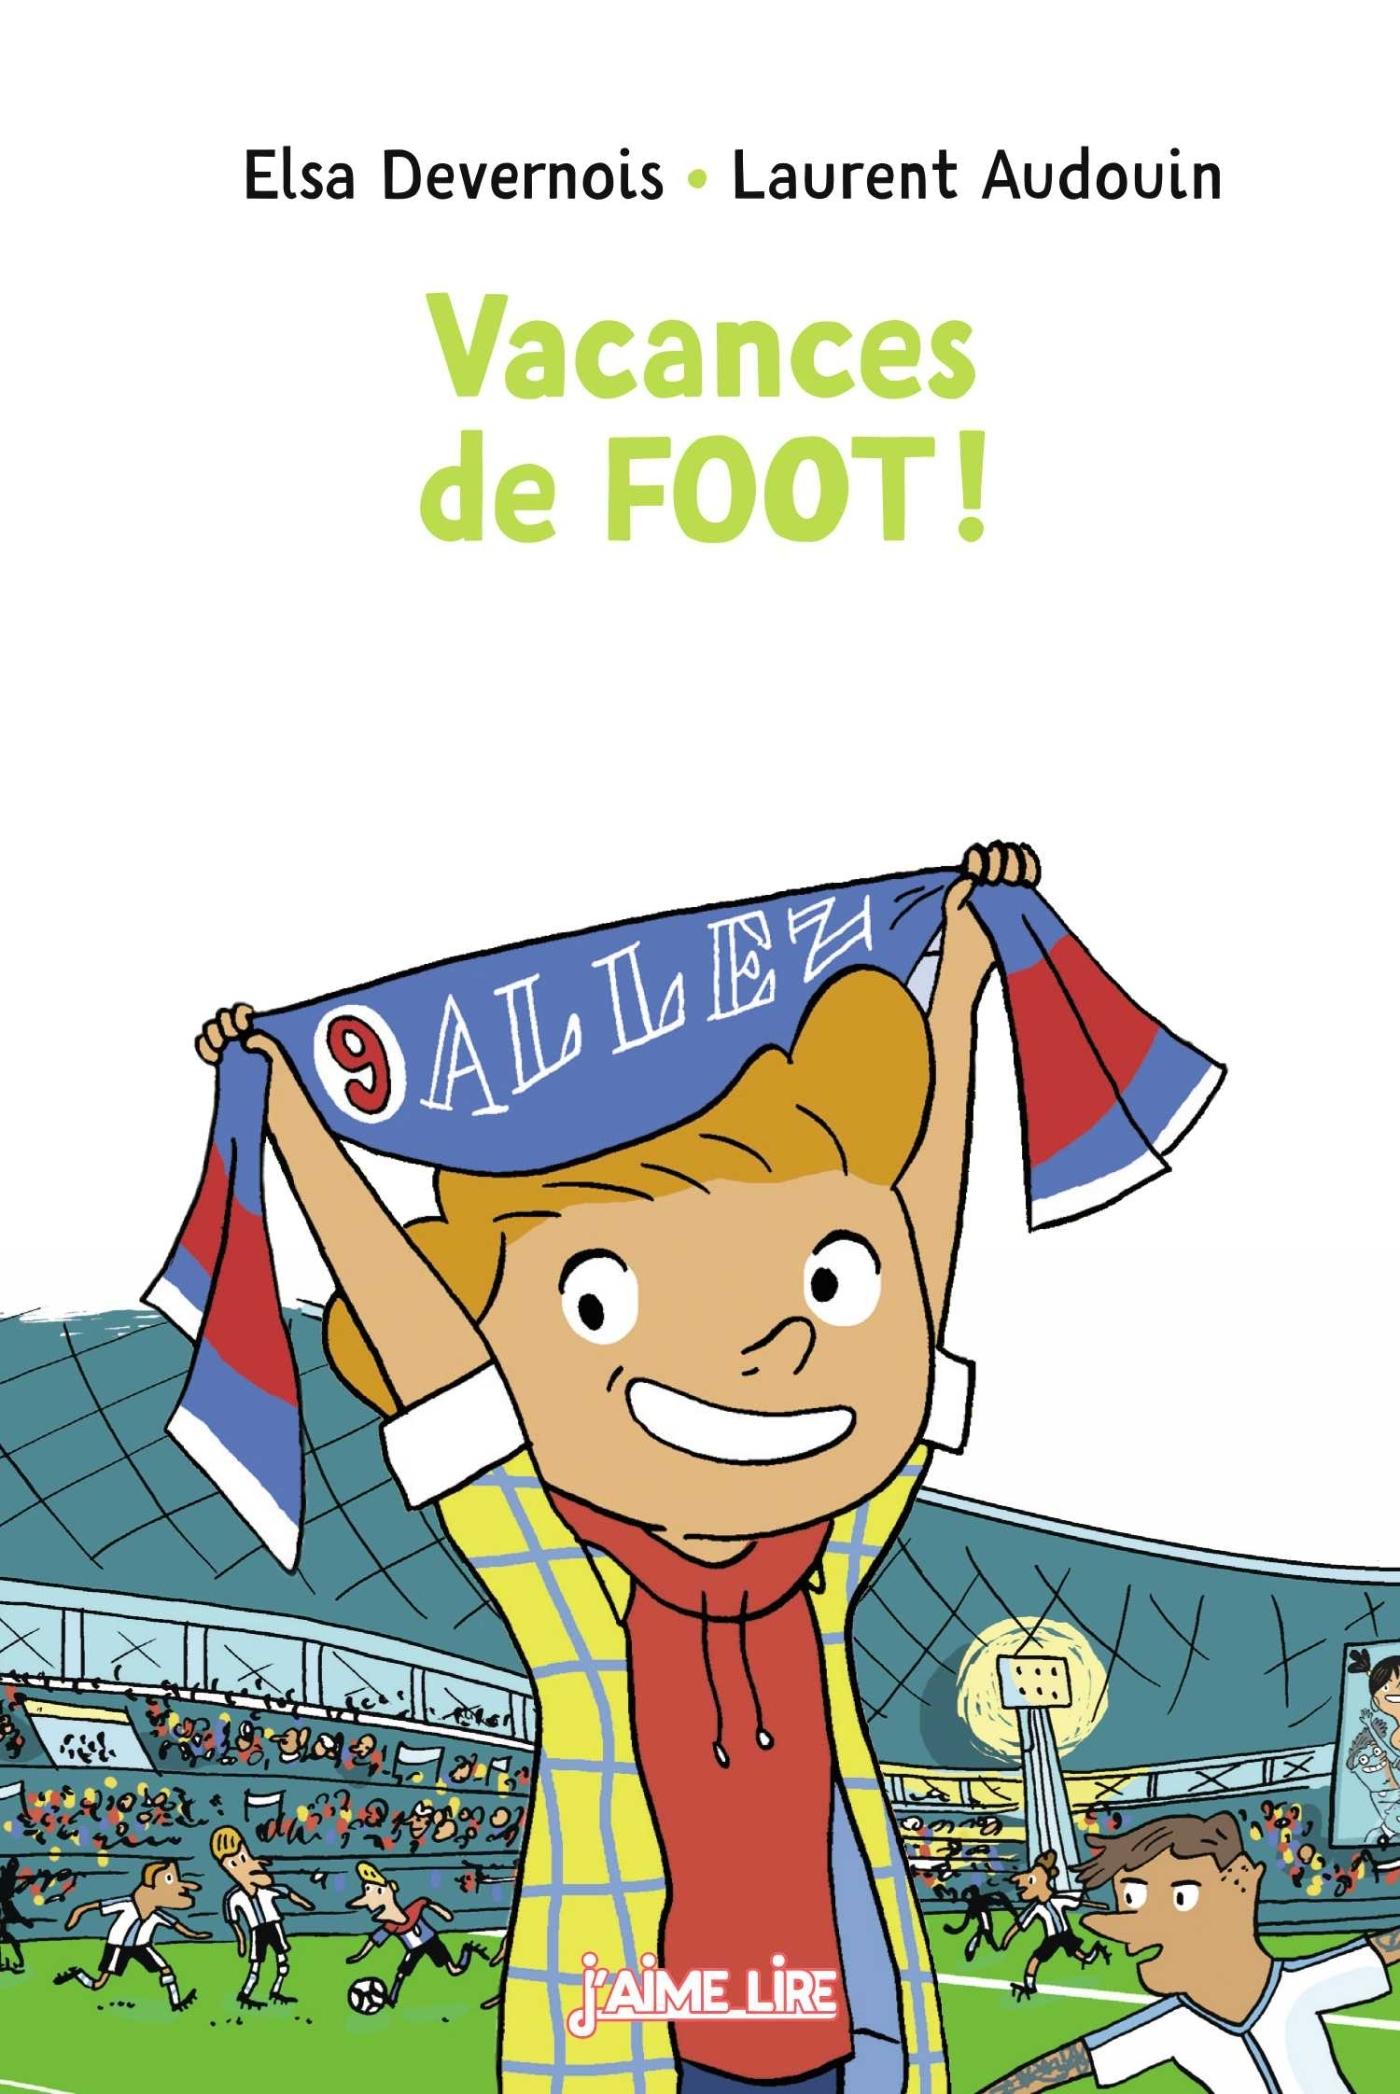 VACANCES DE FOOT